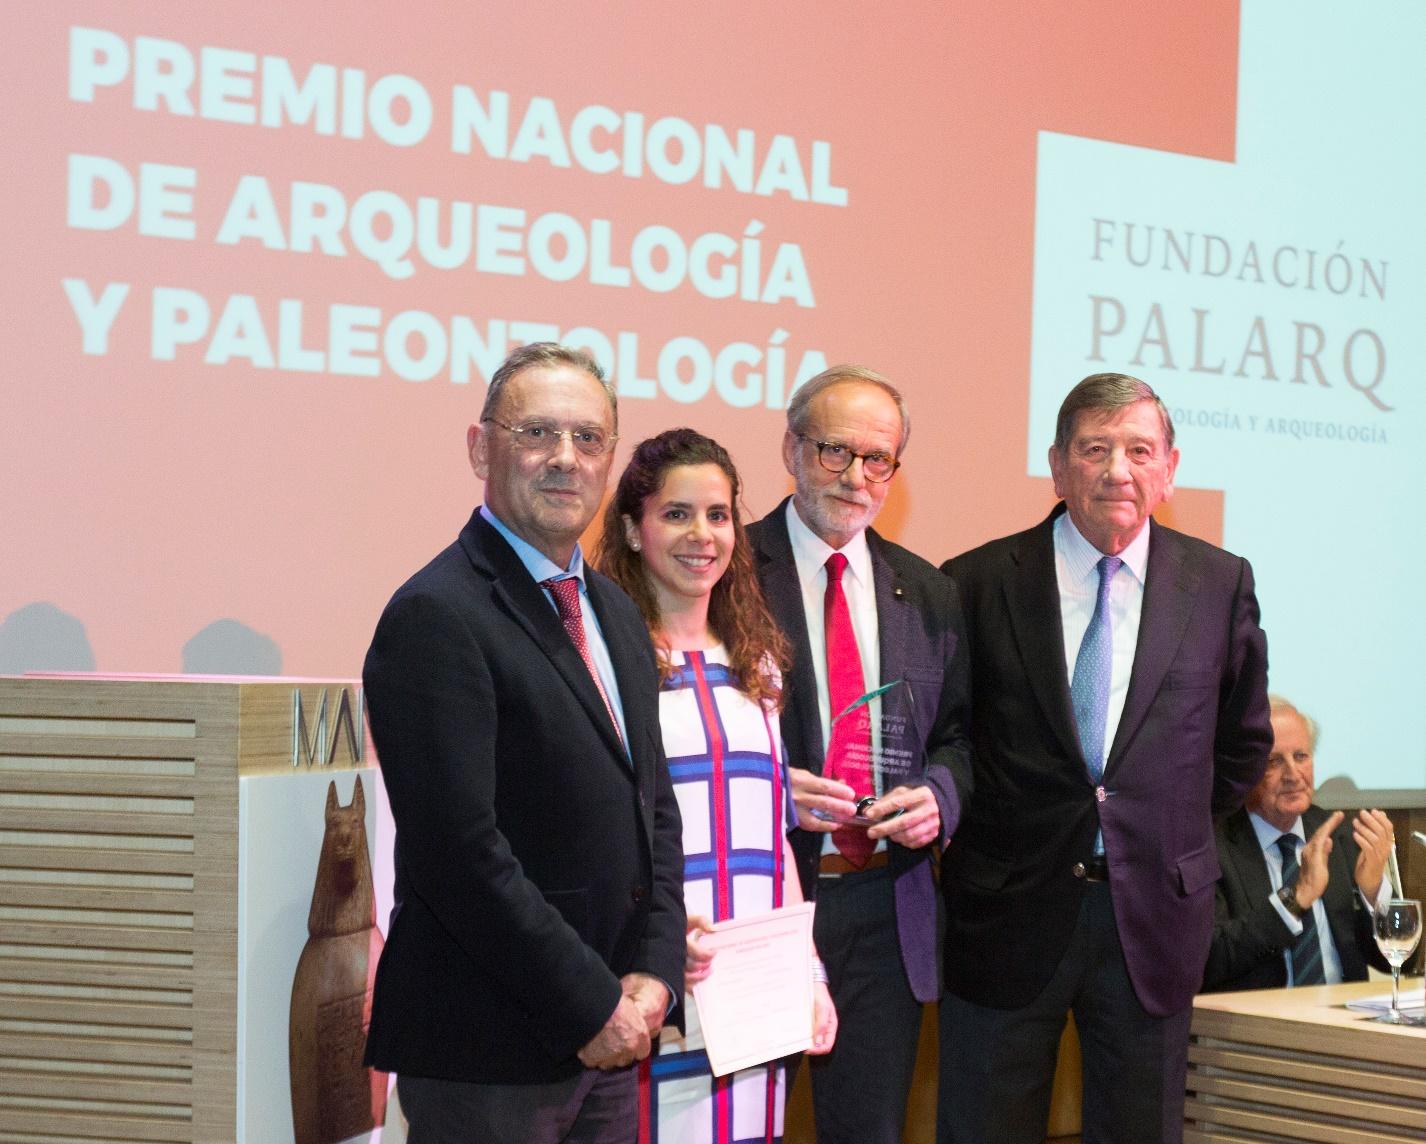 Entrega de Premio Nacional de Arqueología y Paleontología de la Fundación Palarq